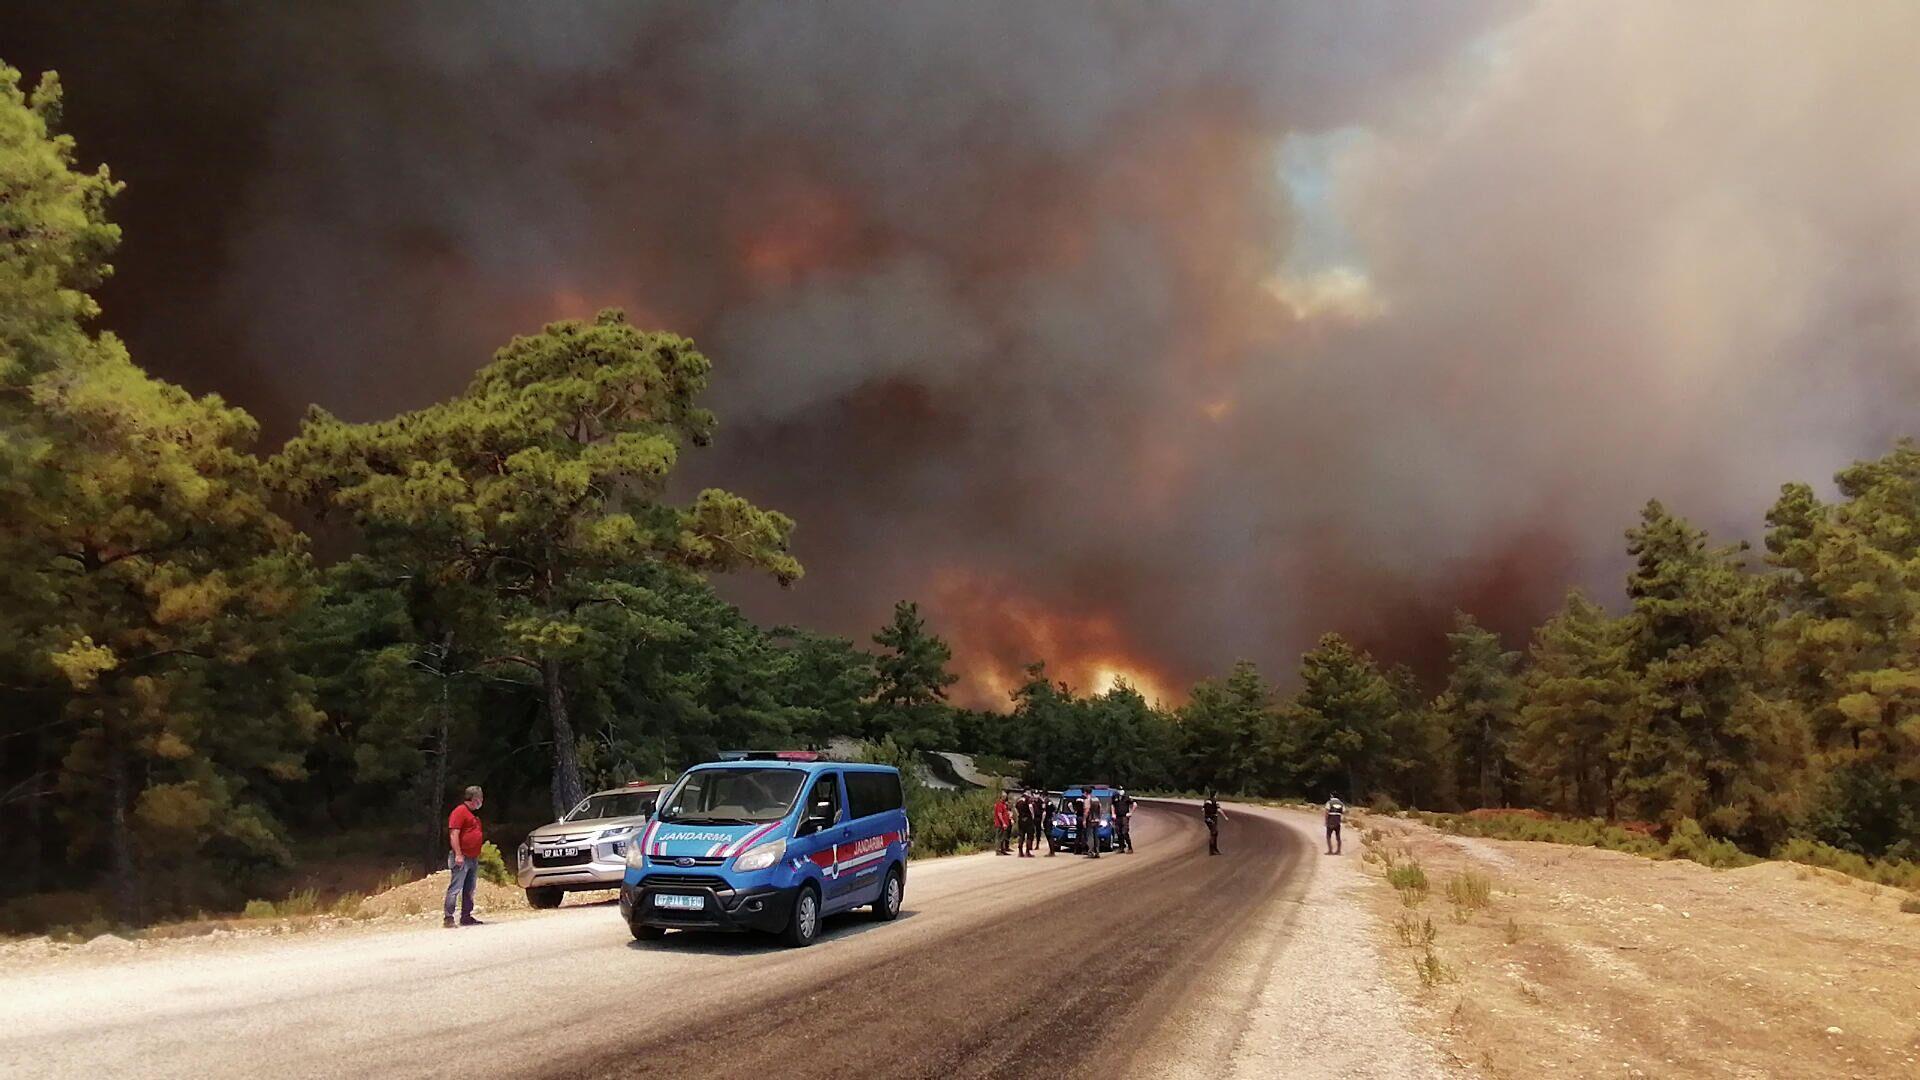 Лесной пожар в Анталье, Турция - РИА Новости, 1920, 01.08.2021